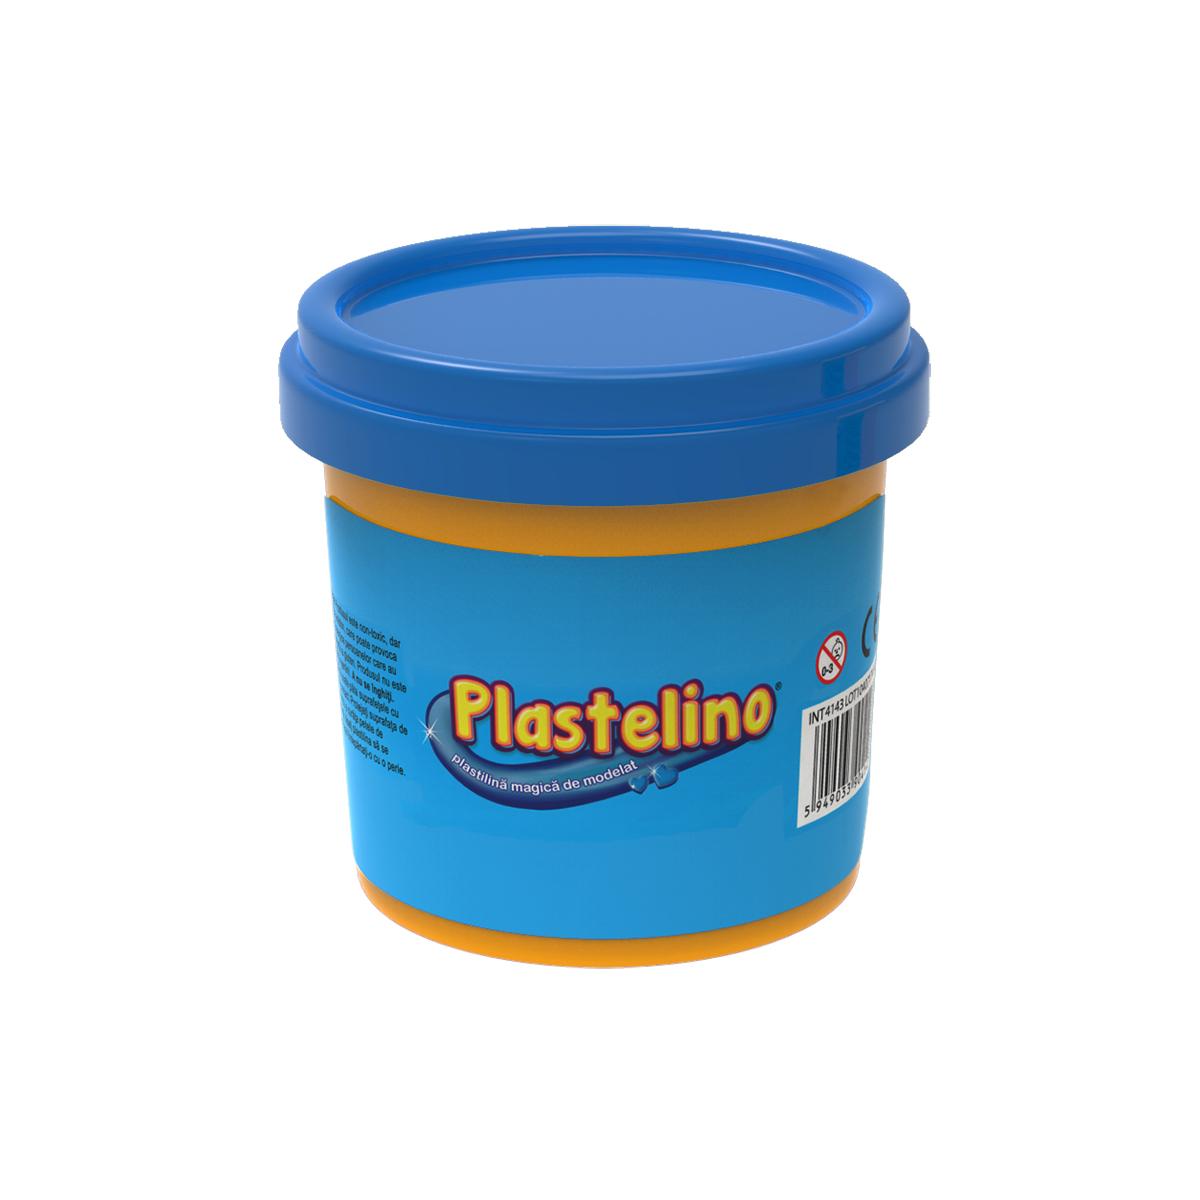 Plastelino - Tub de plastilina. Albastru